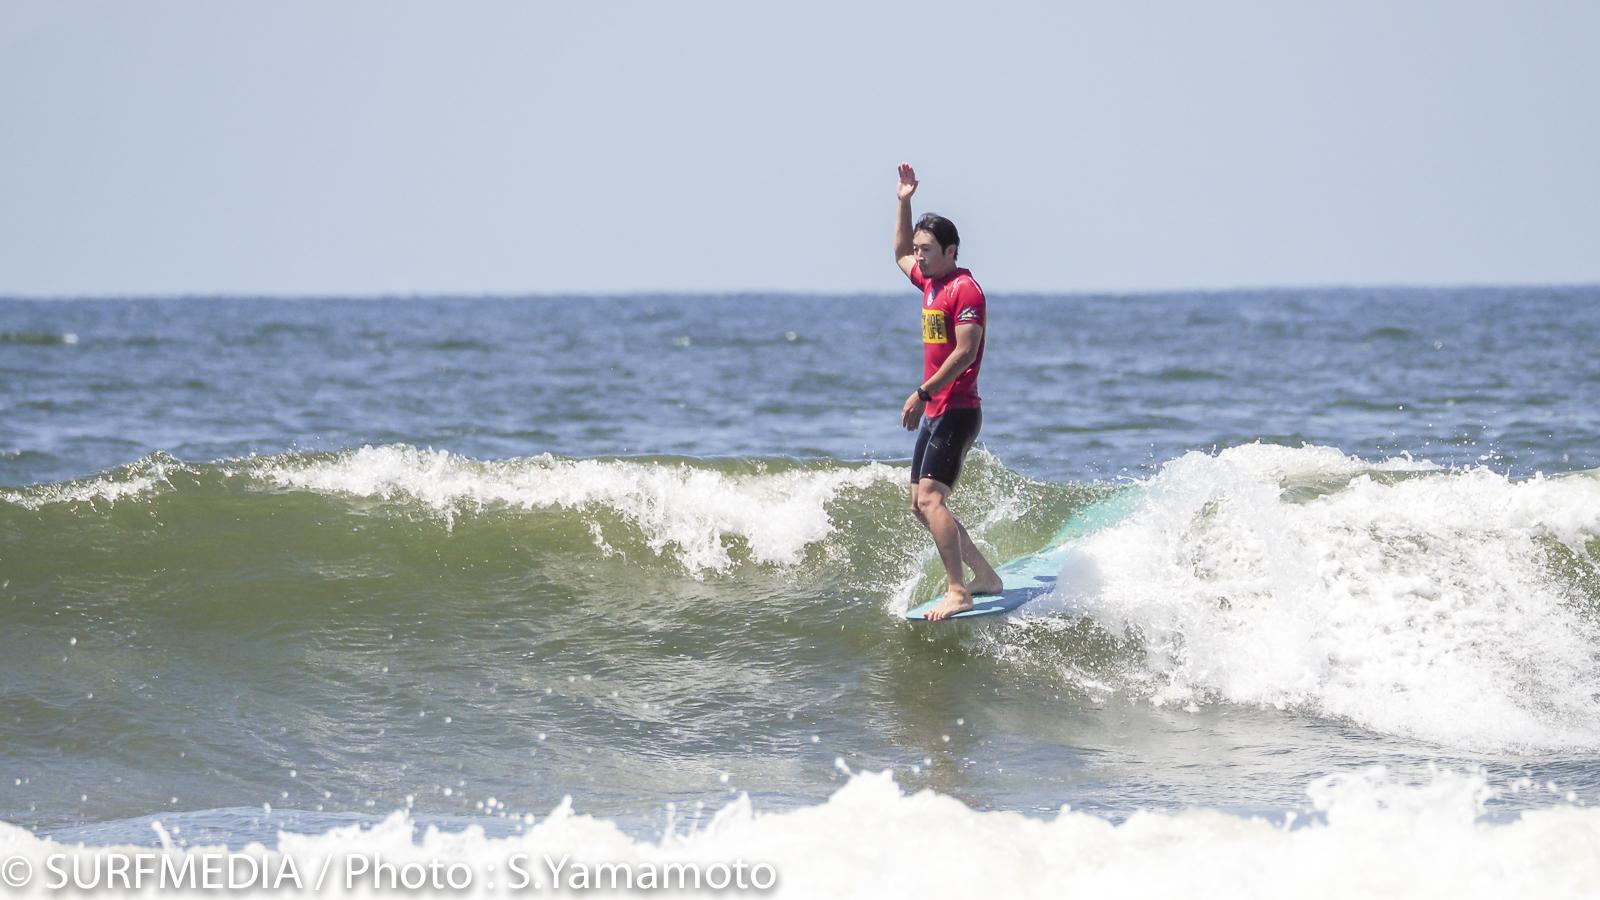 吉田泰もスタイリッシュなサーフィンを披露。